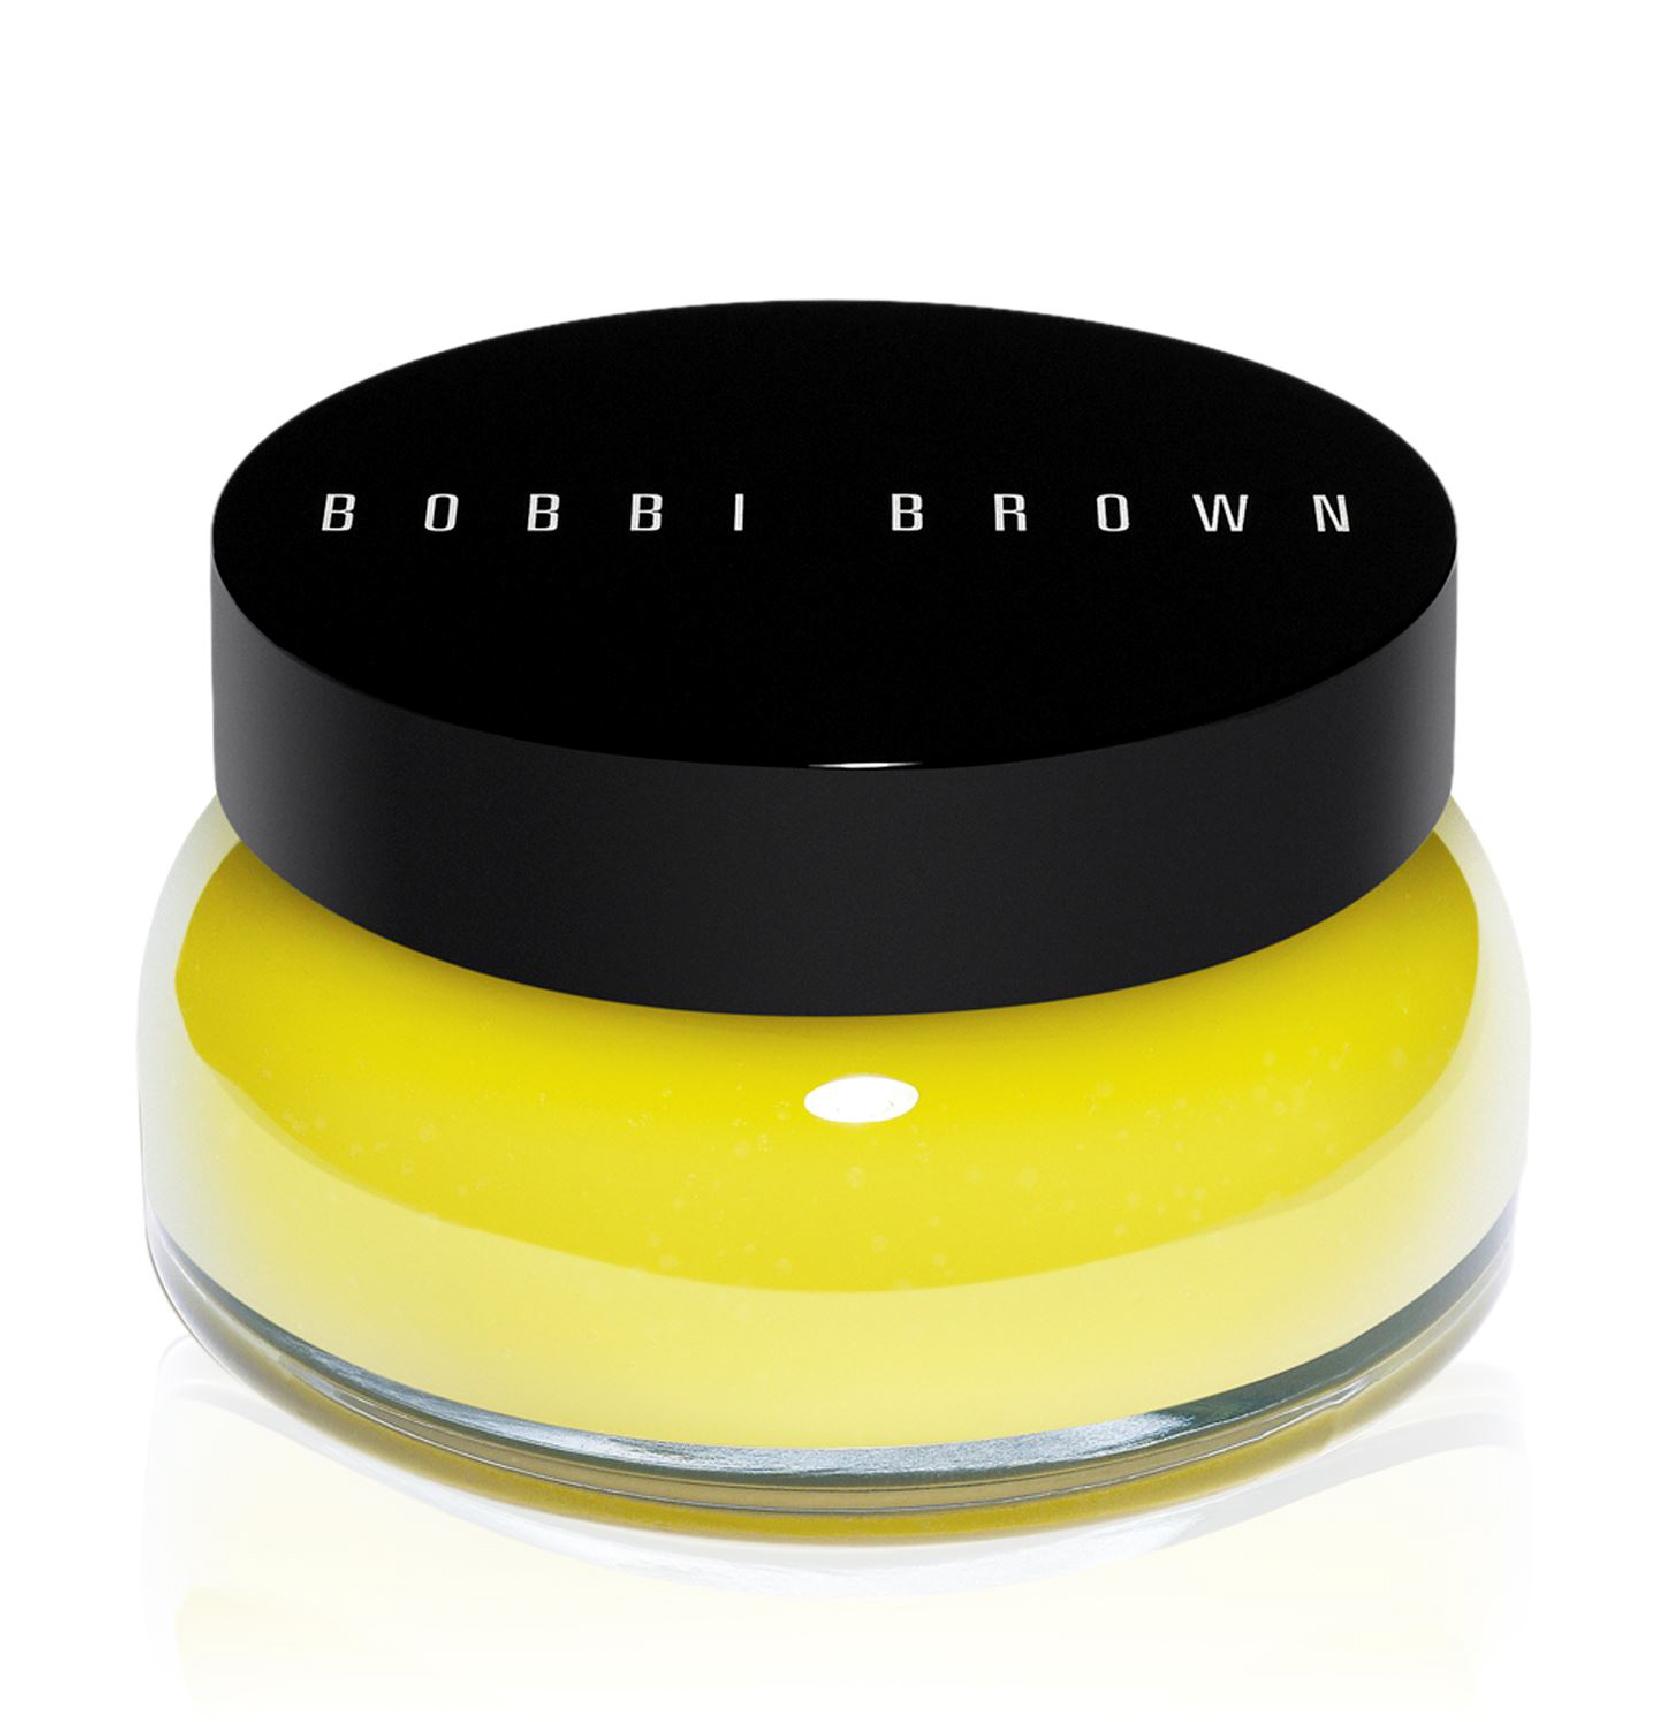 Bobbi Brown - Balm Rinse